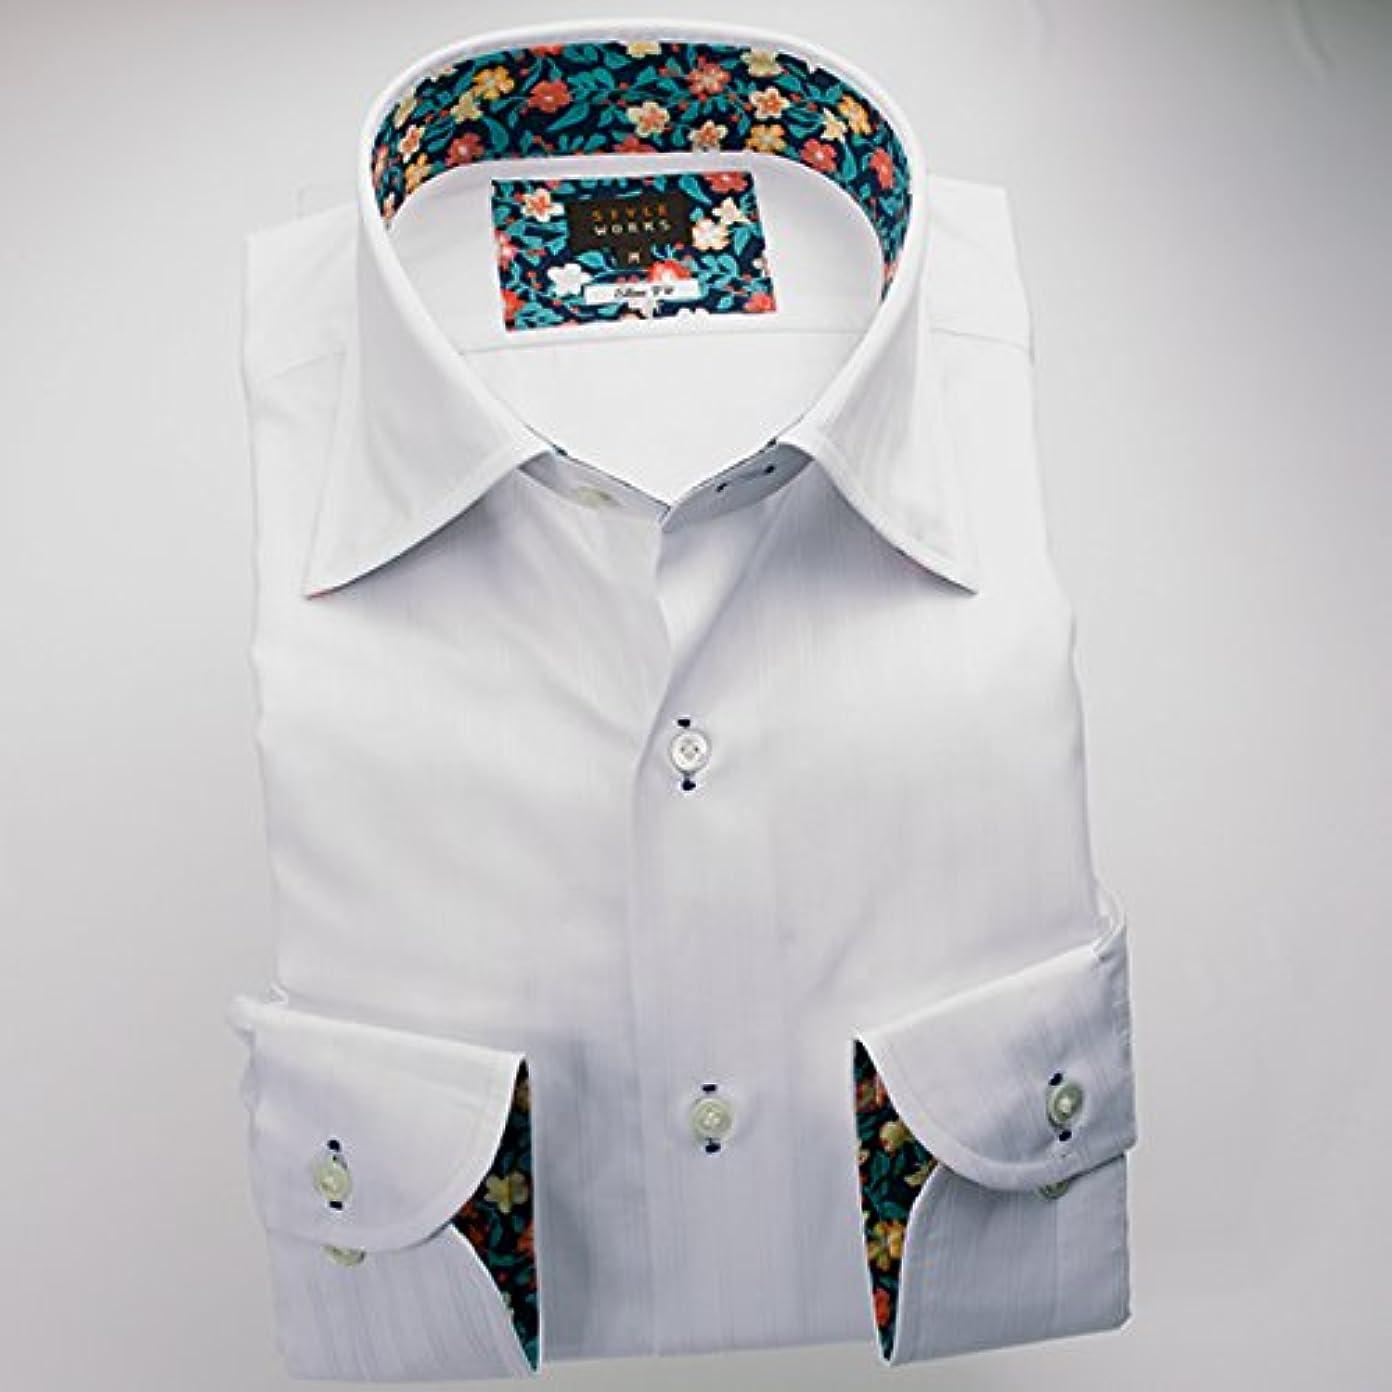 滞在オプショナルコンピューターゲームをプレイする(スタイルワークス) メンズ長袖ワイシャツ 白ワイドカラー ストライプ | 白/S